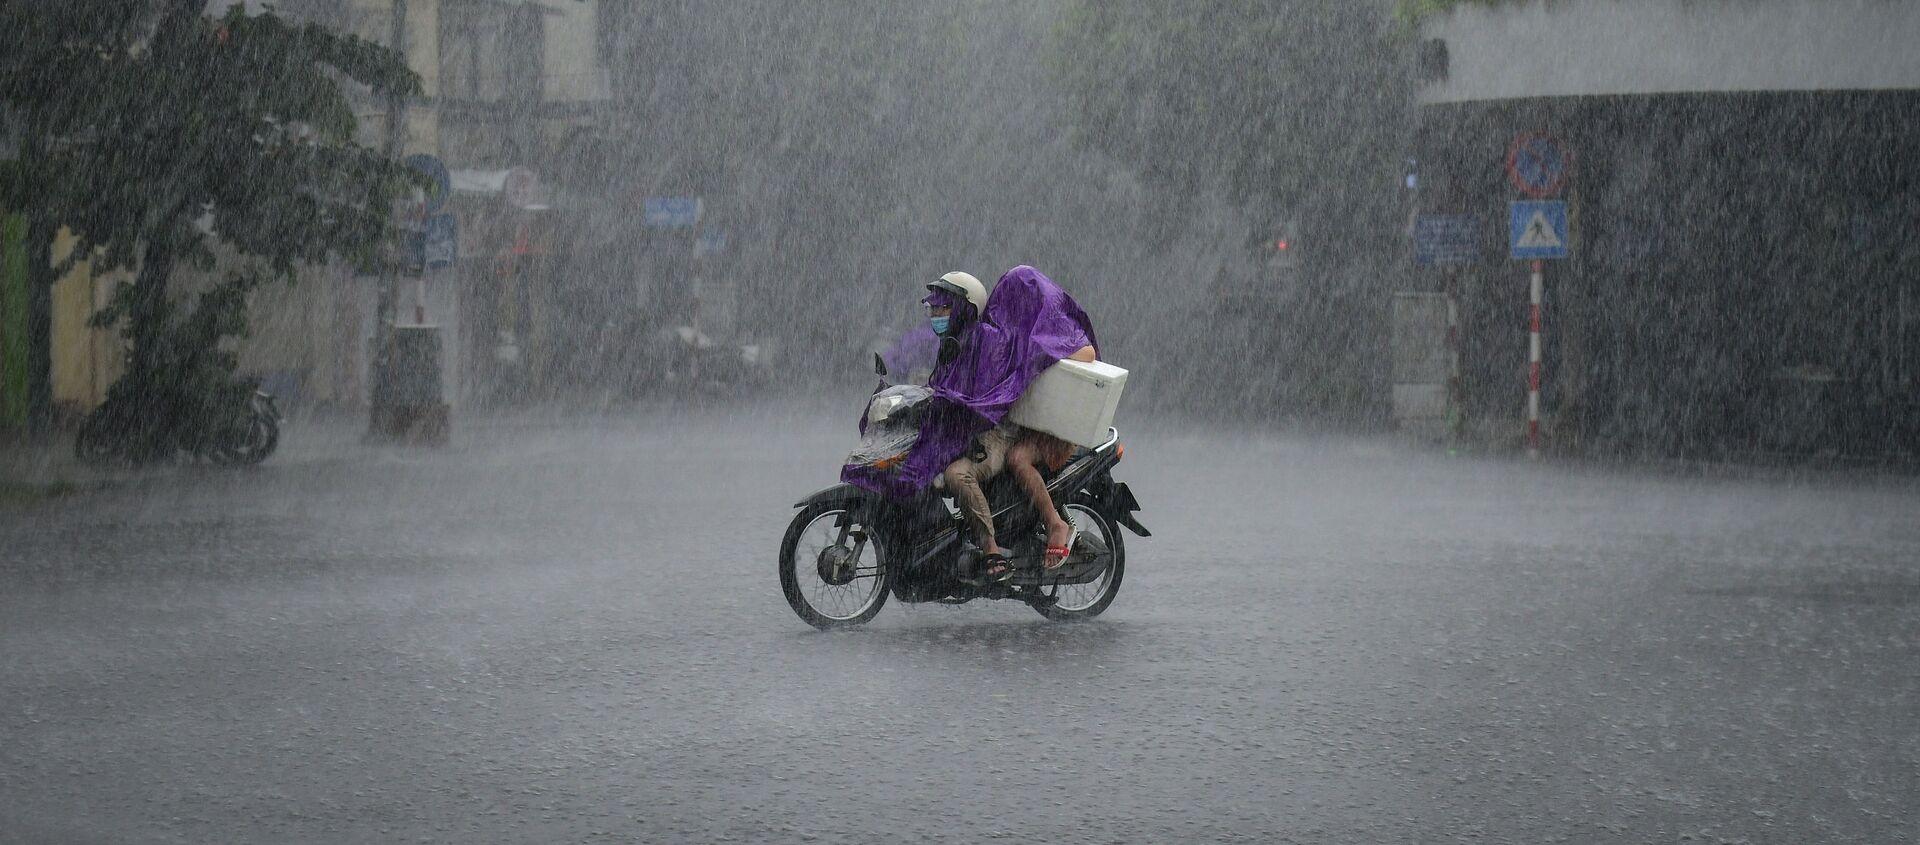 Người dân đi xe tay ga trong cơn mưa tầm tã ở Hà Nội, Việt Nam  - Sputnik Việt Nam, 1920, 12.09.2021